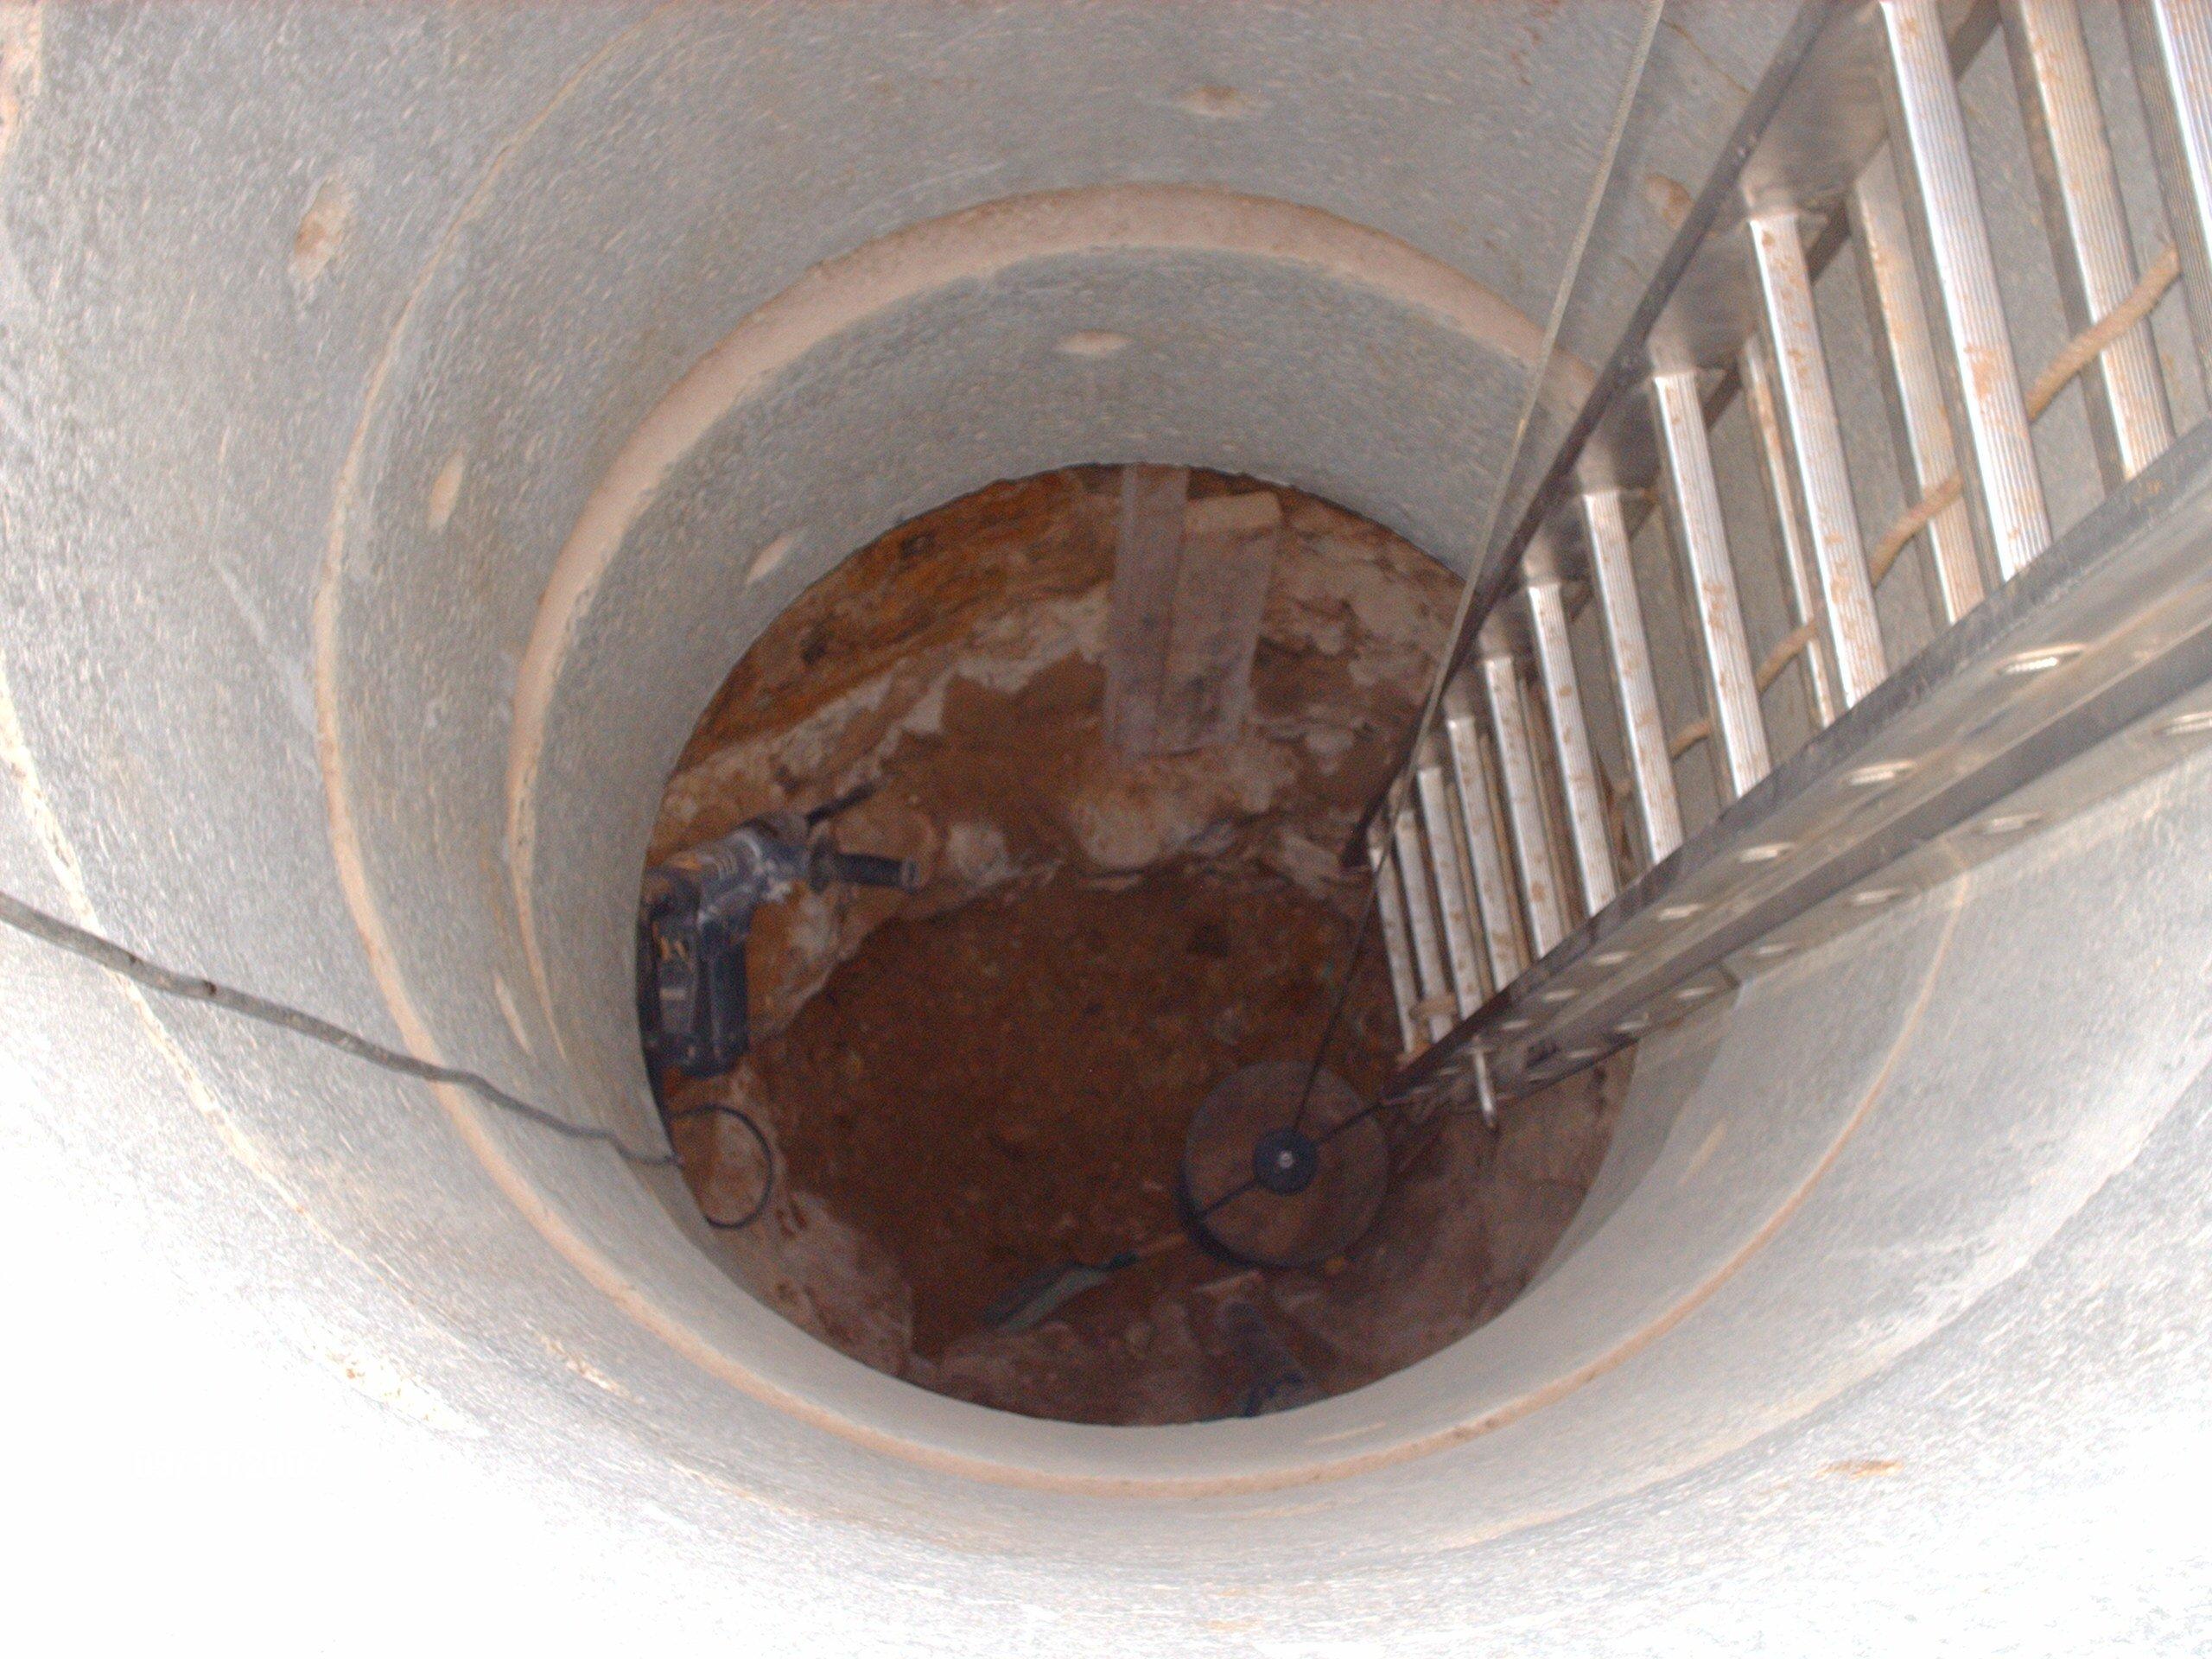 Direction la chine creuser son puits for Creuser un puit dans son jardin